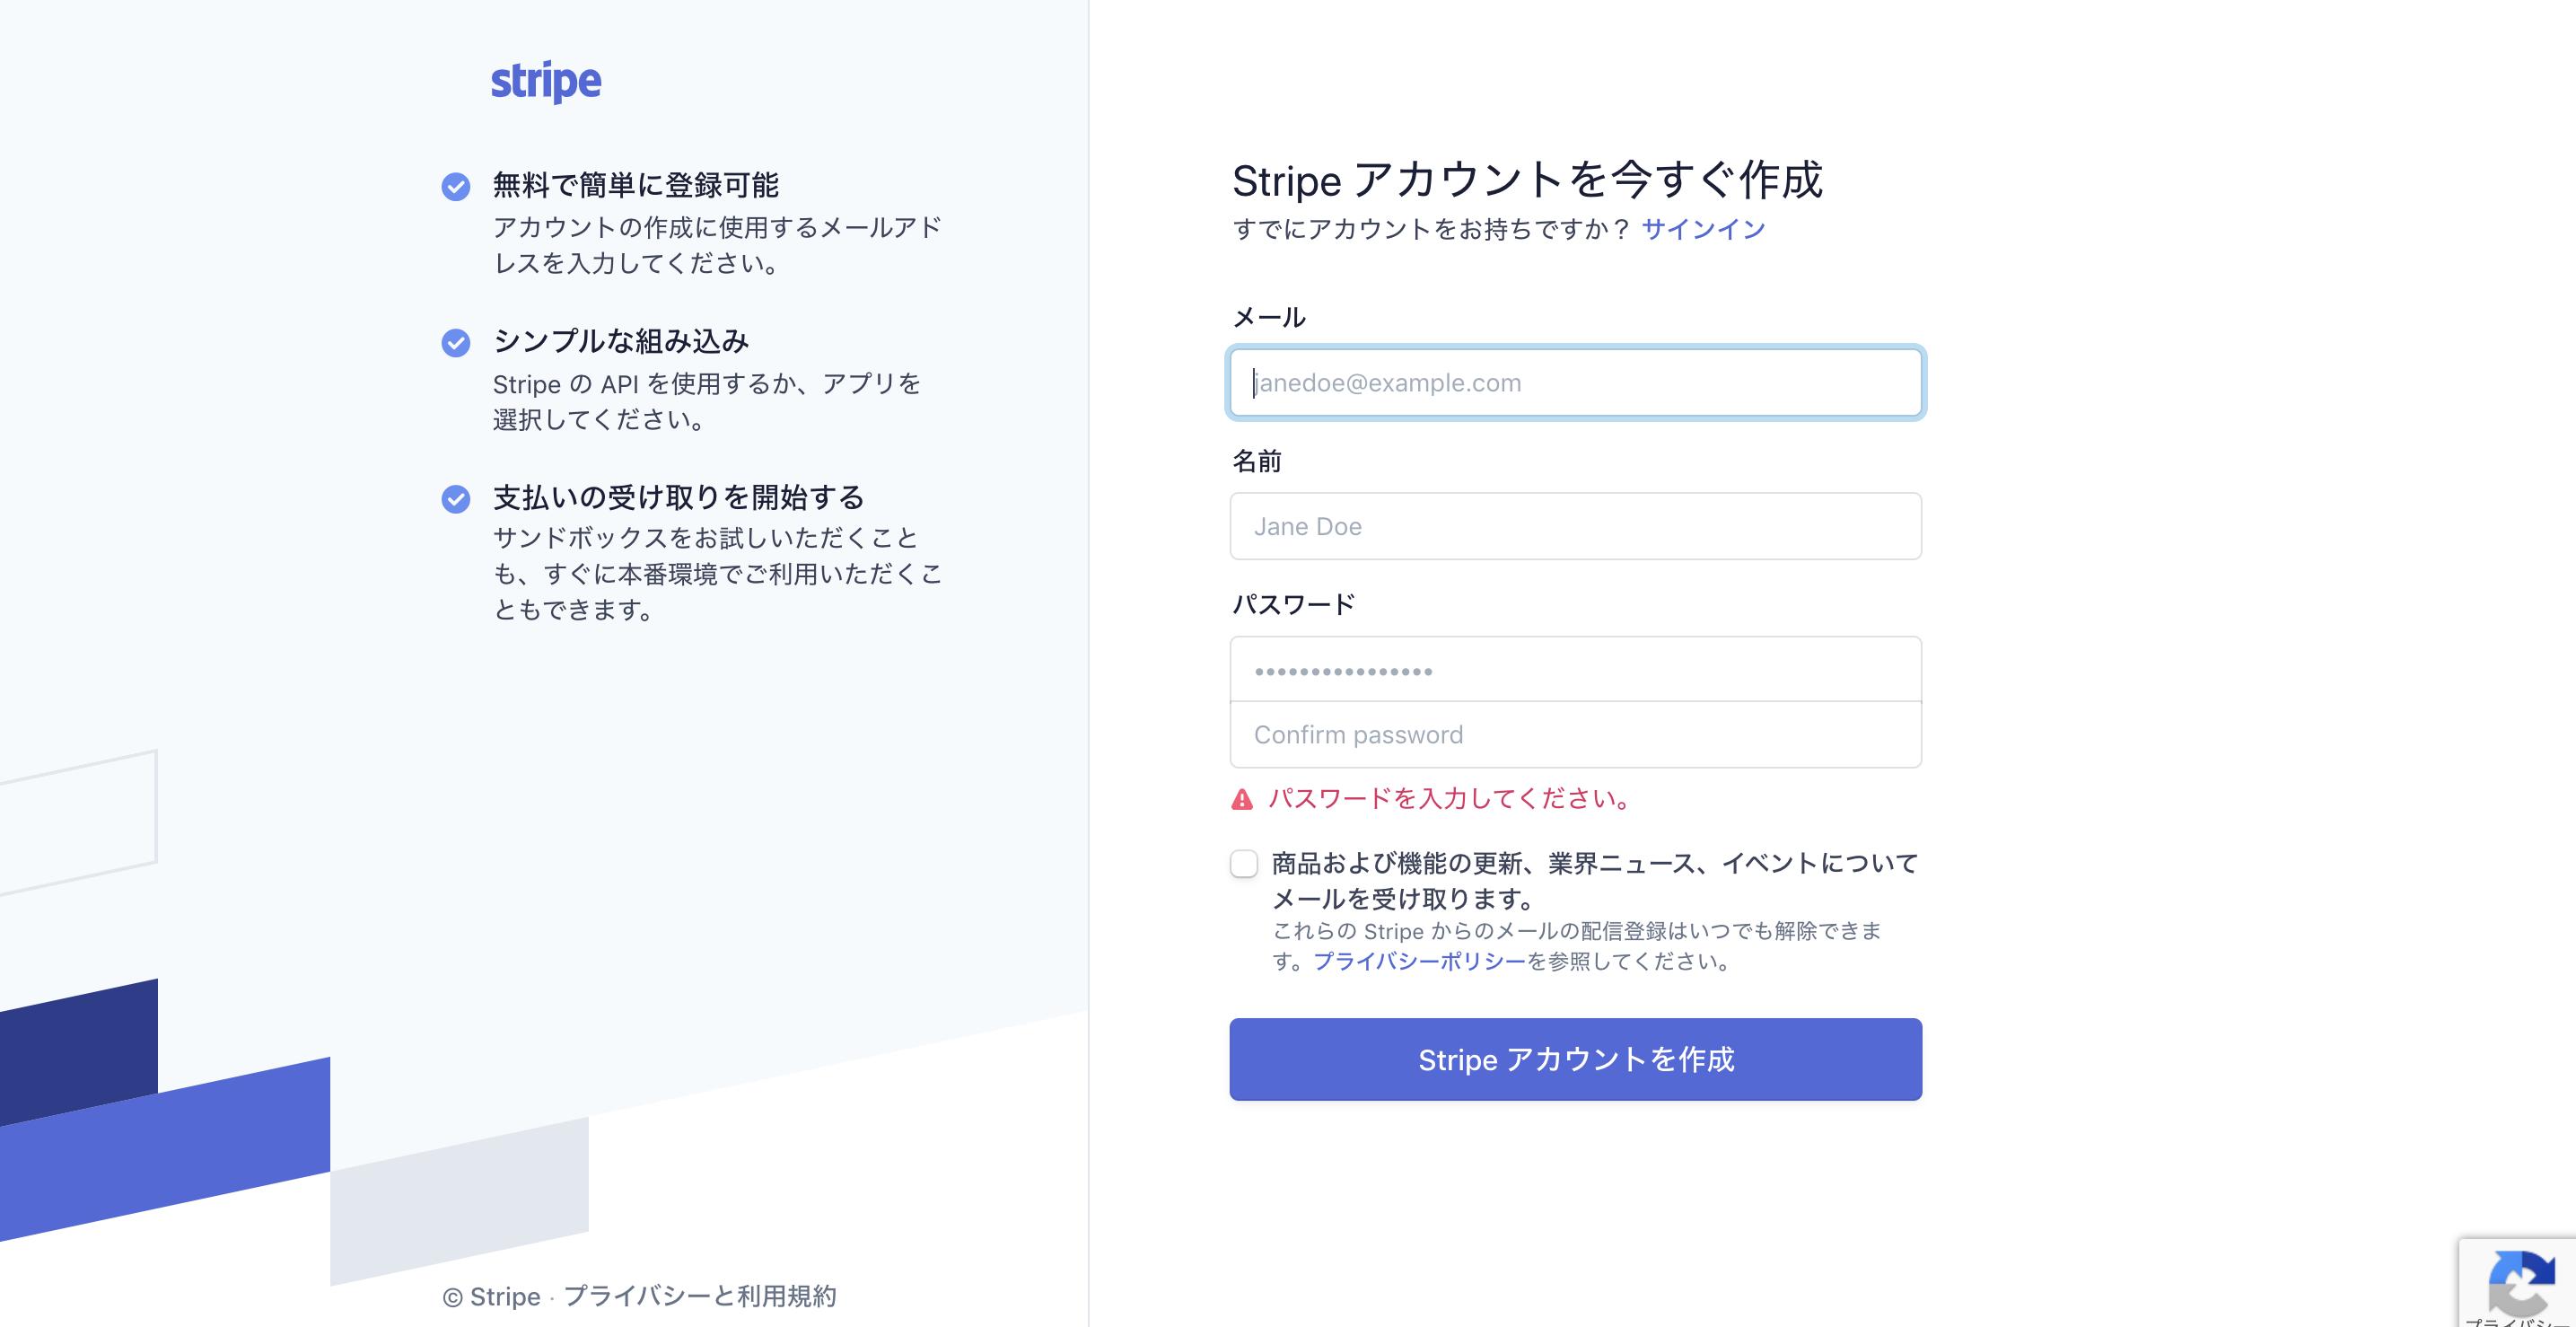 スクリーンショット 2020-01-15 20.27.48.png